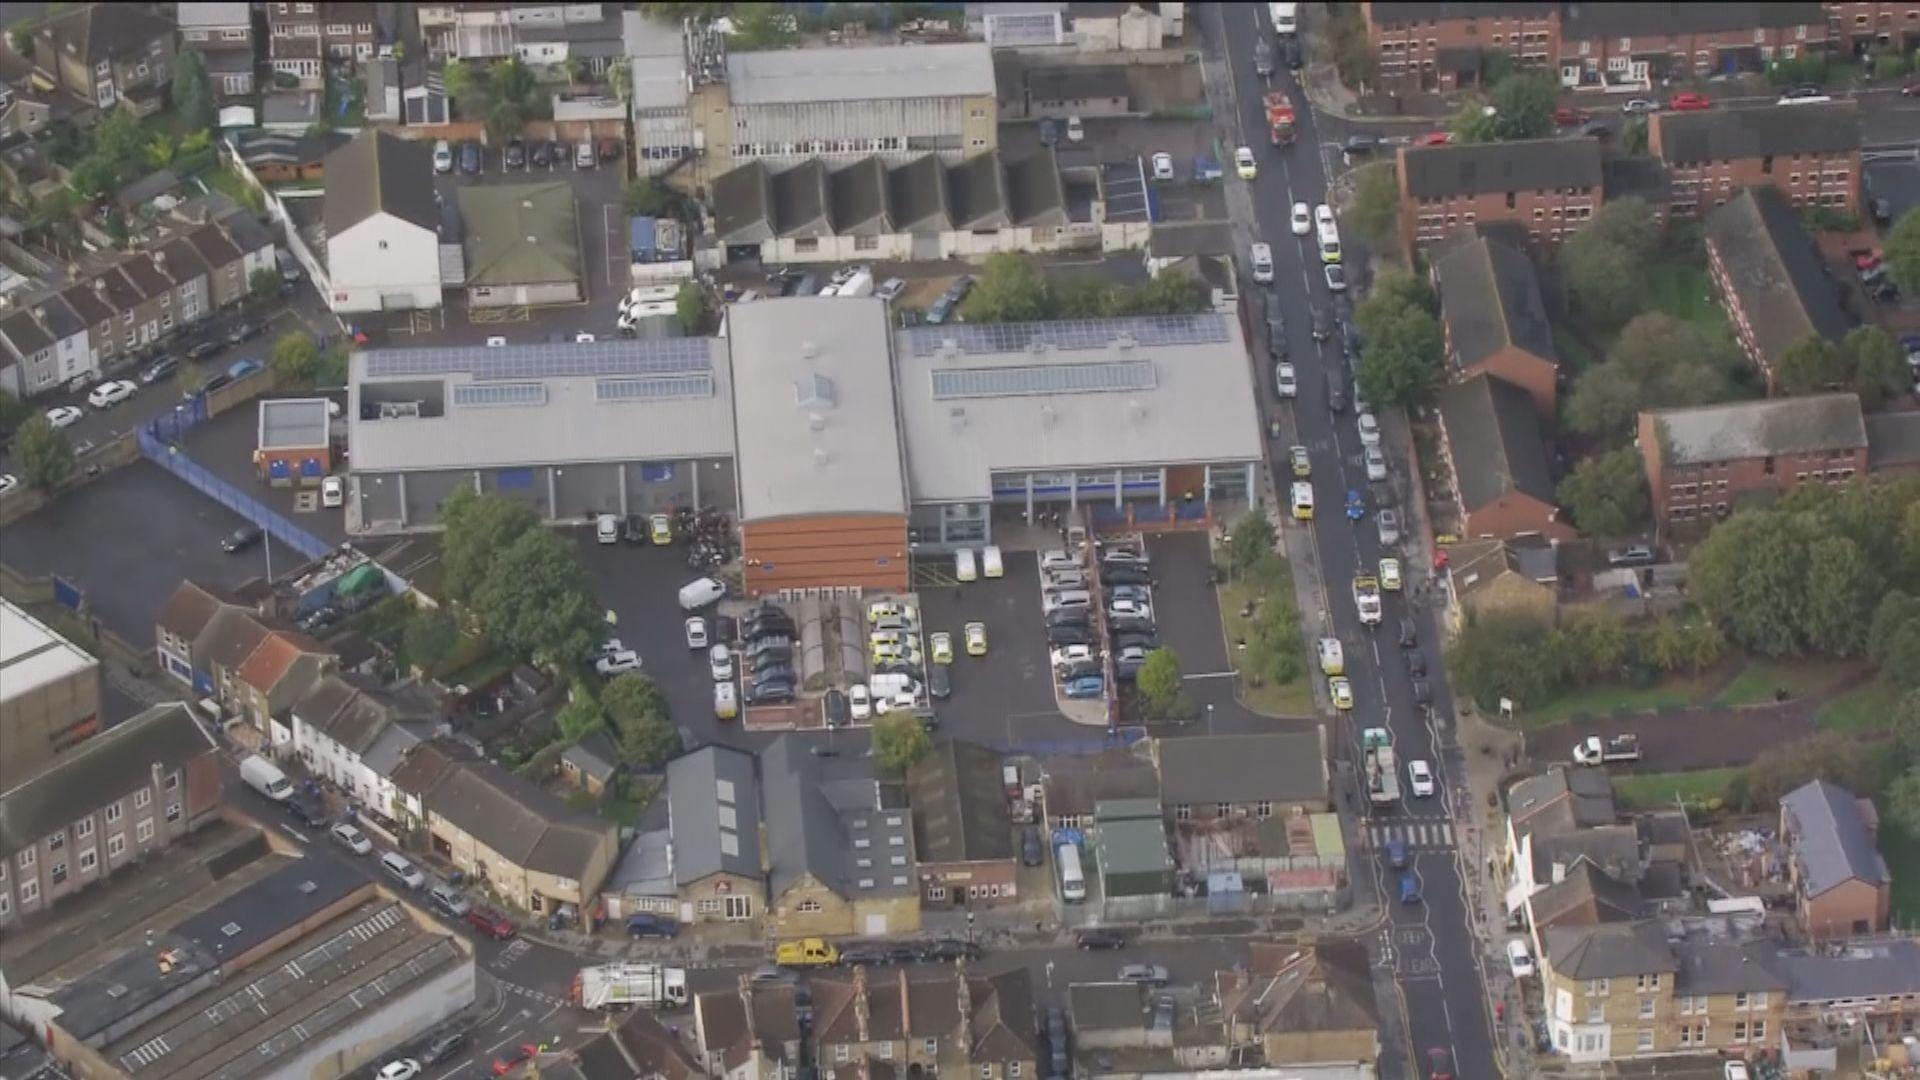 倫敦南部一名警員於警署內遭槍殺